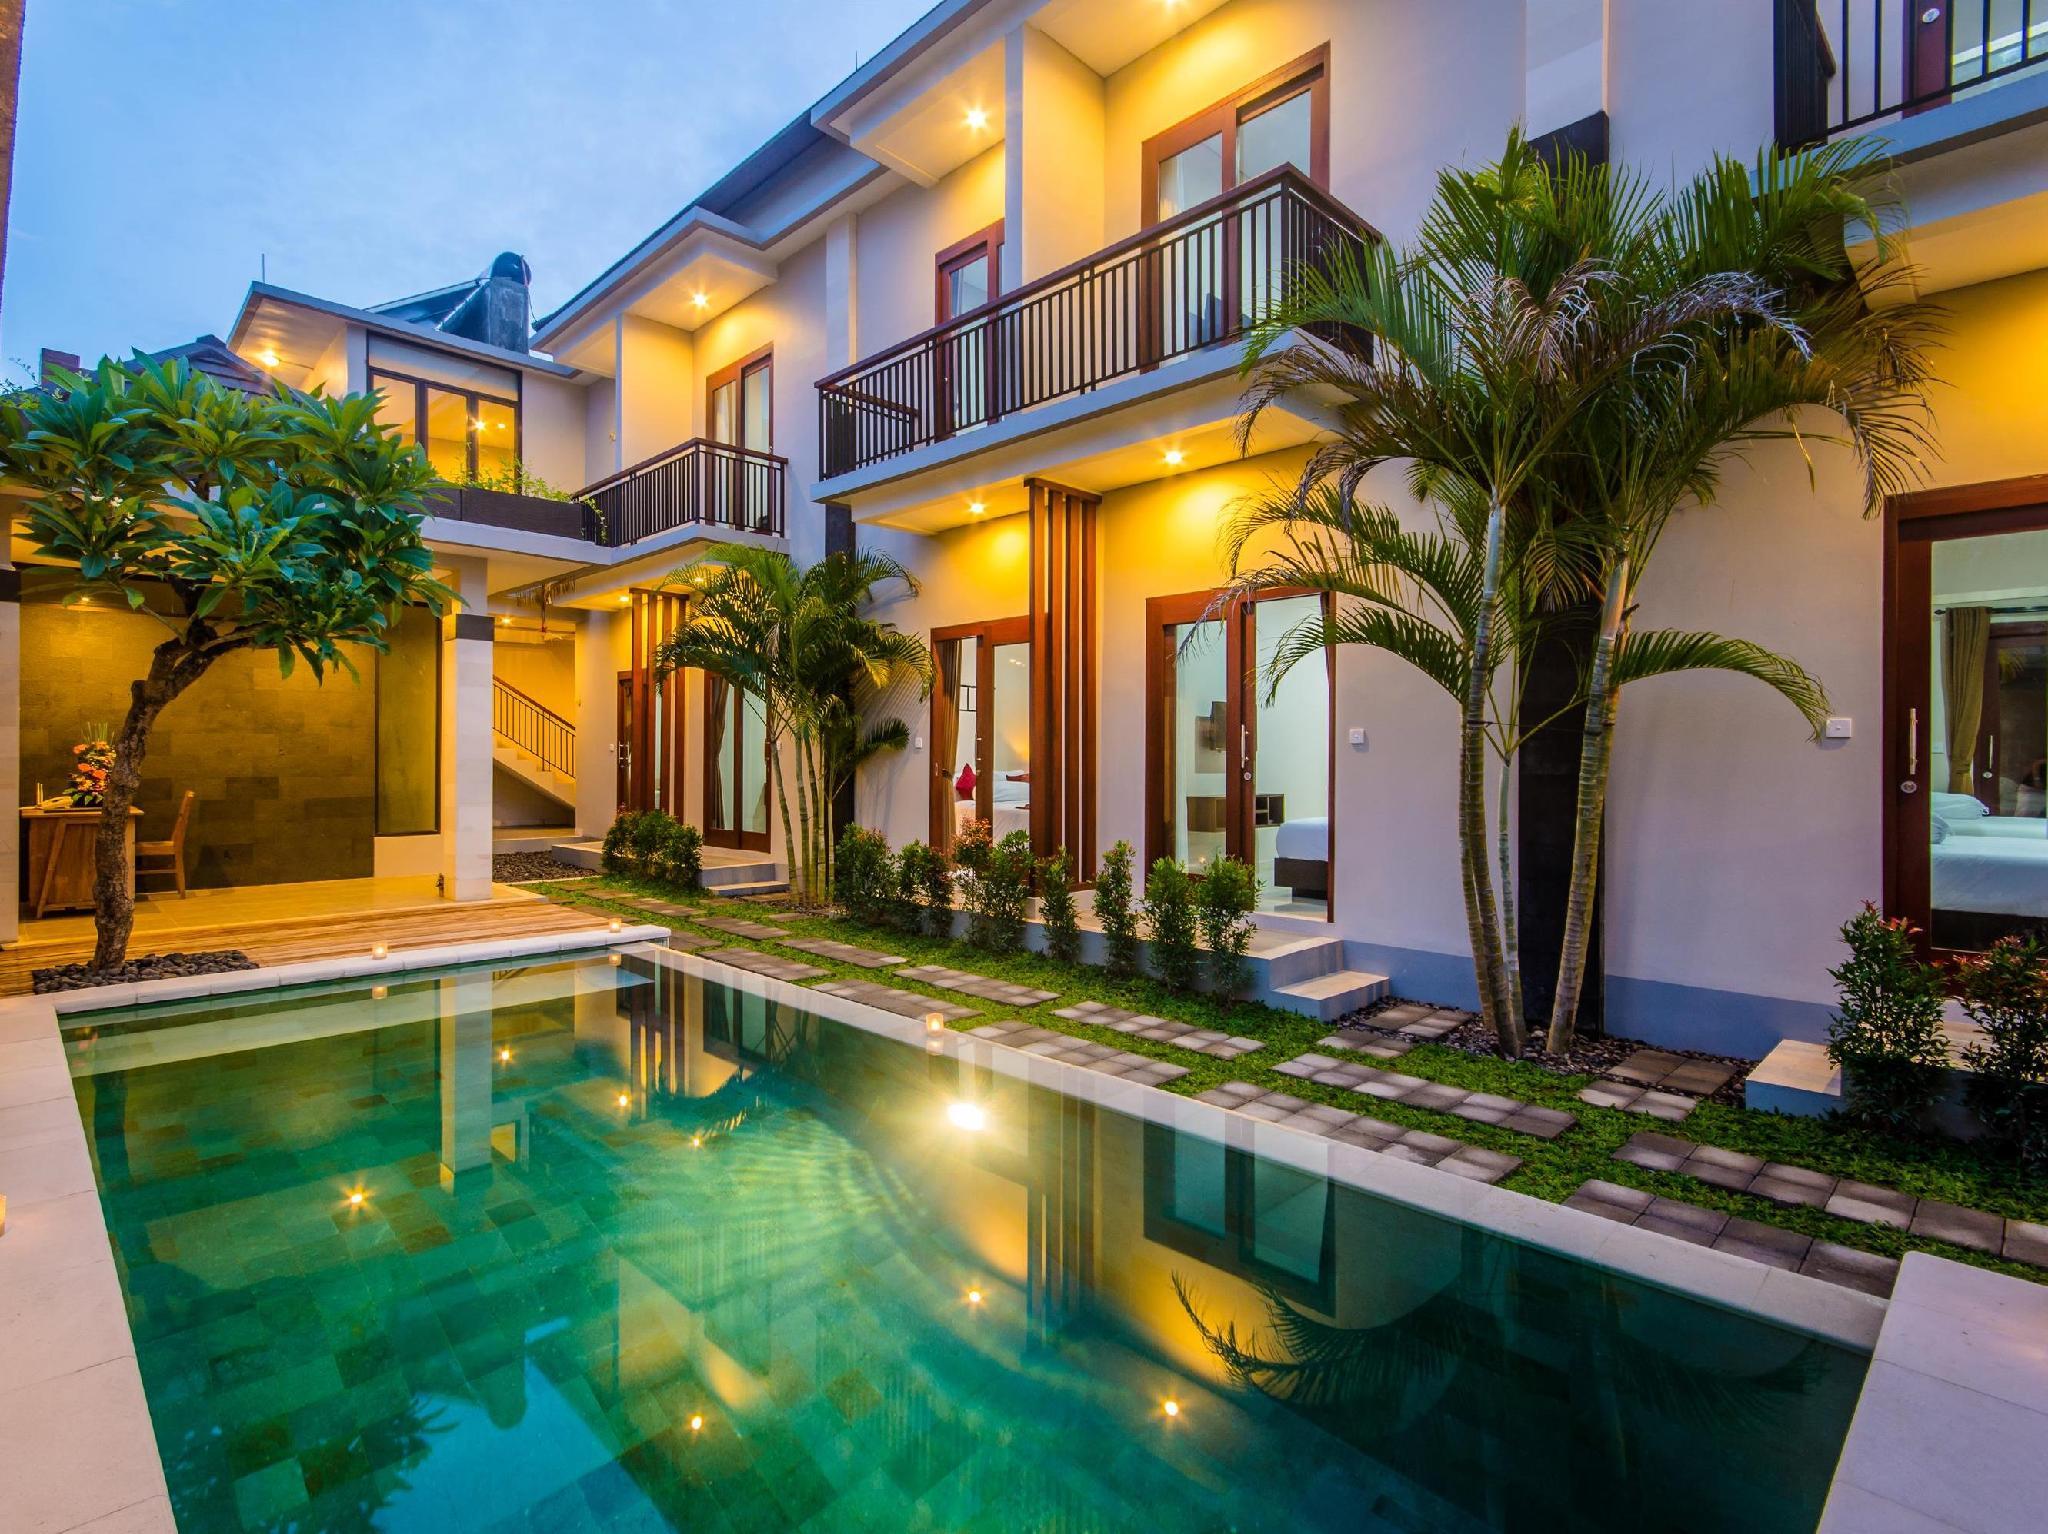 Valka Bali By Boutique Hotels & Villas